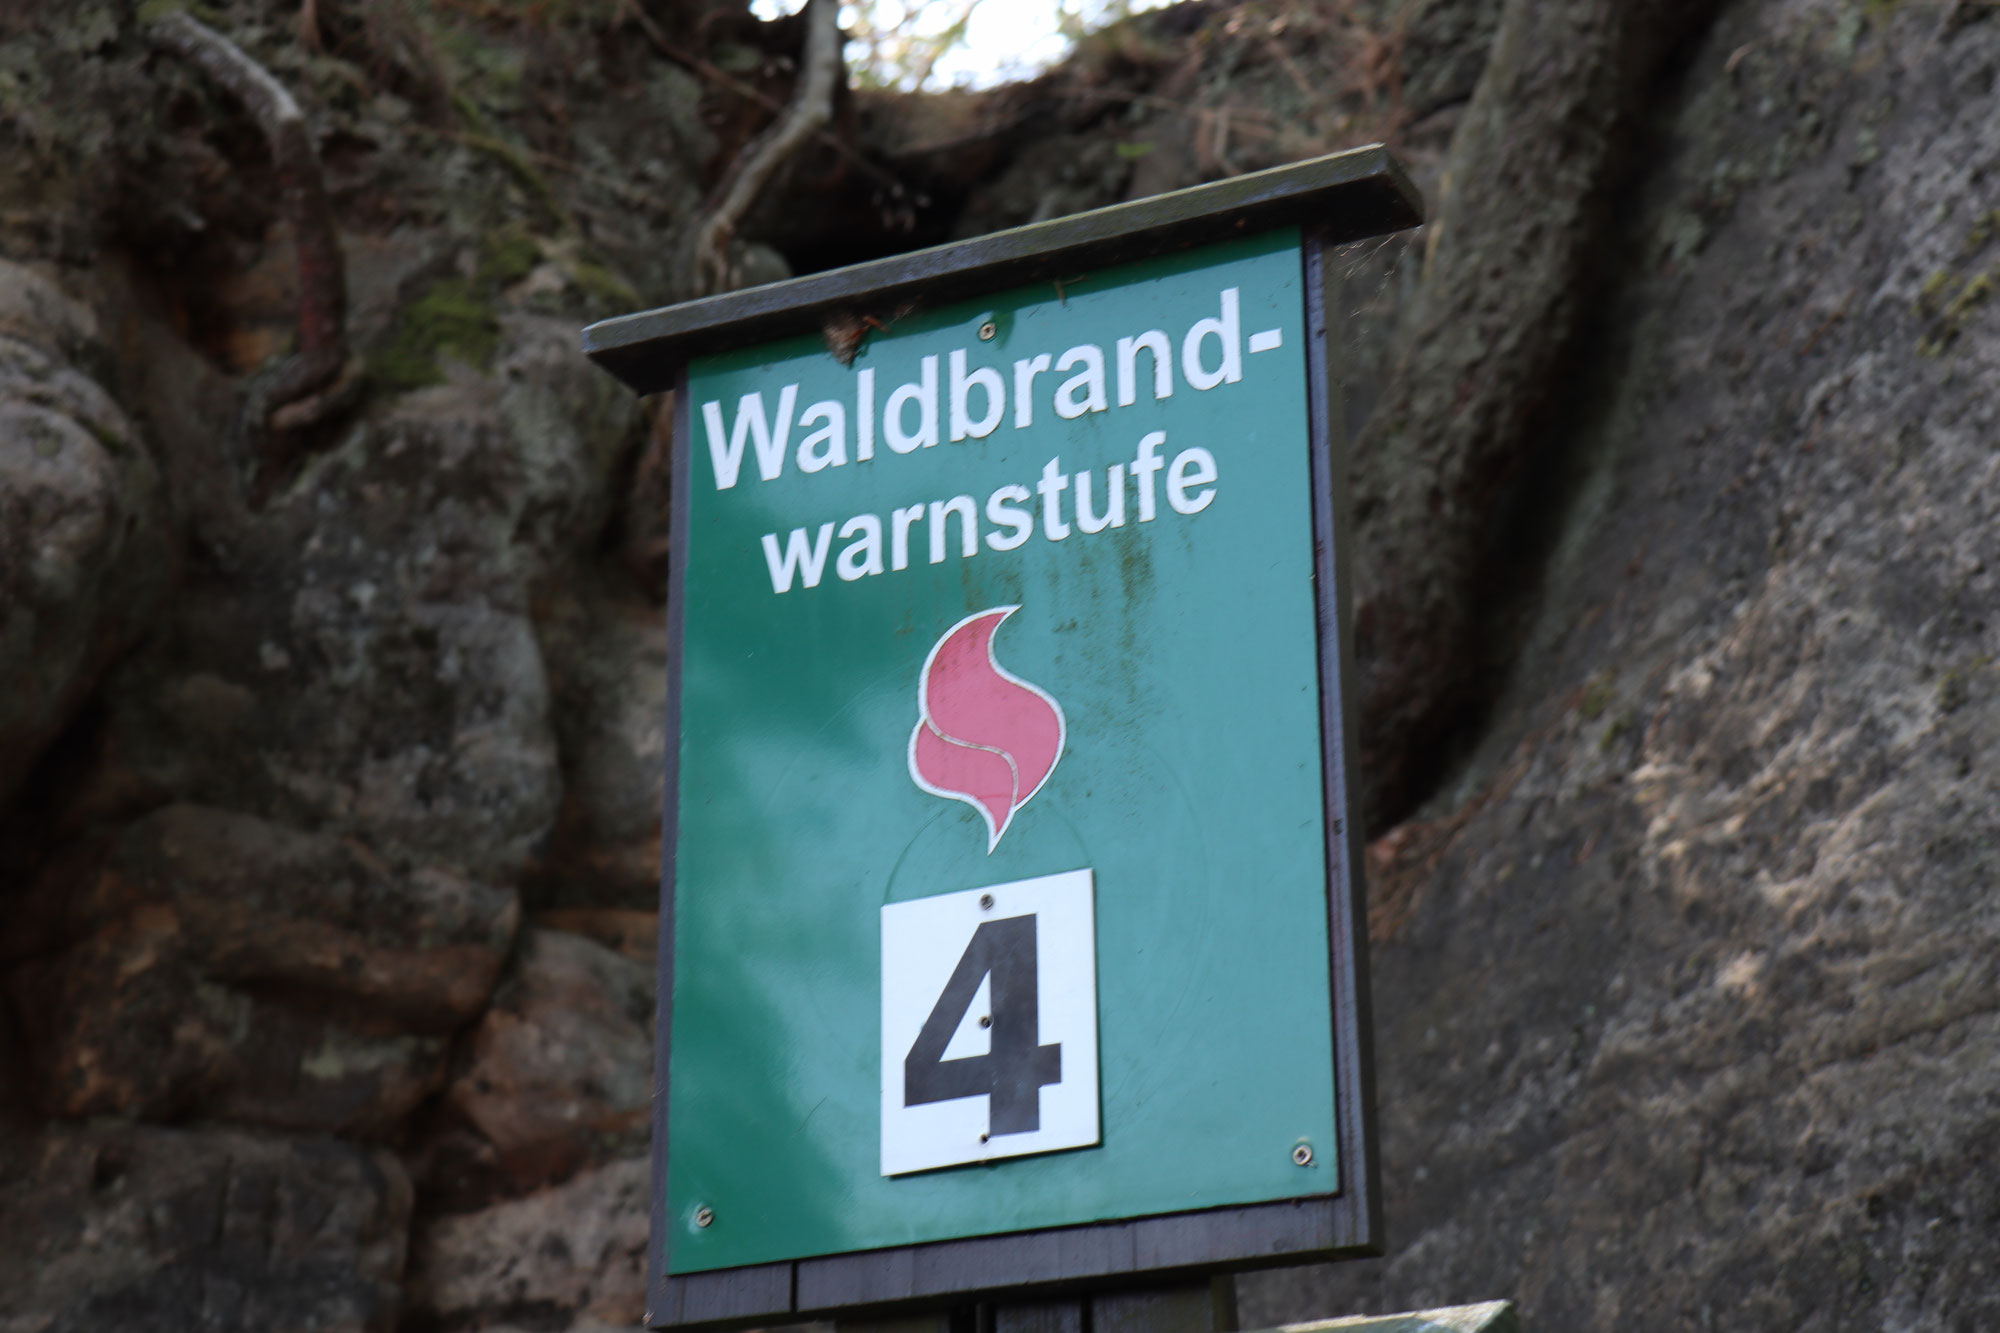 Erhöhte Waldbrandgefahr in Mannheims Wäldern